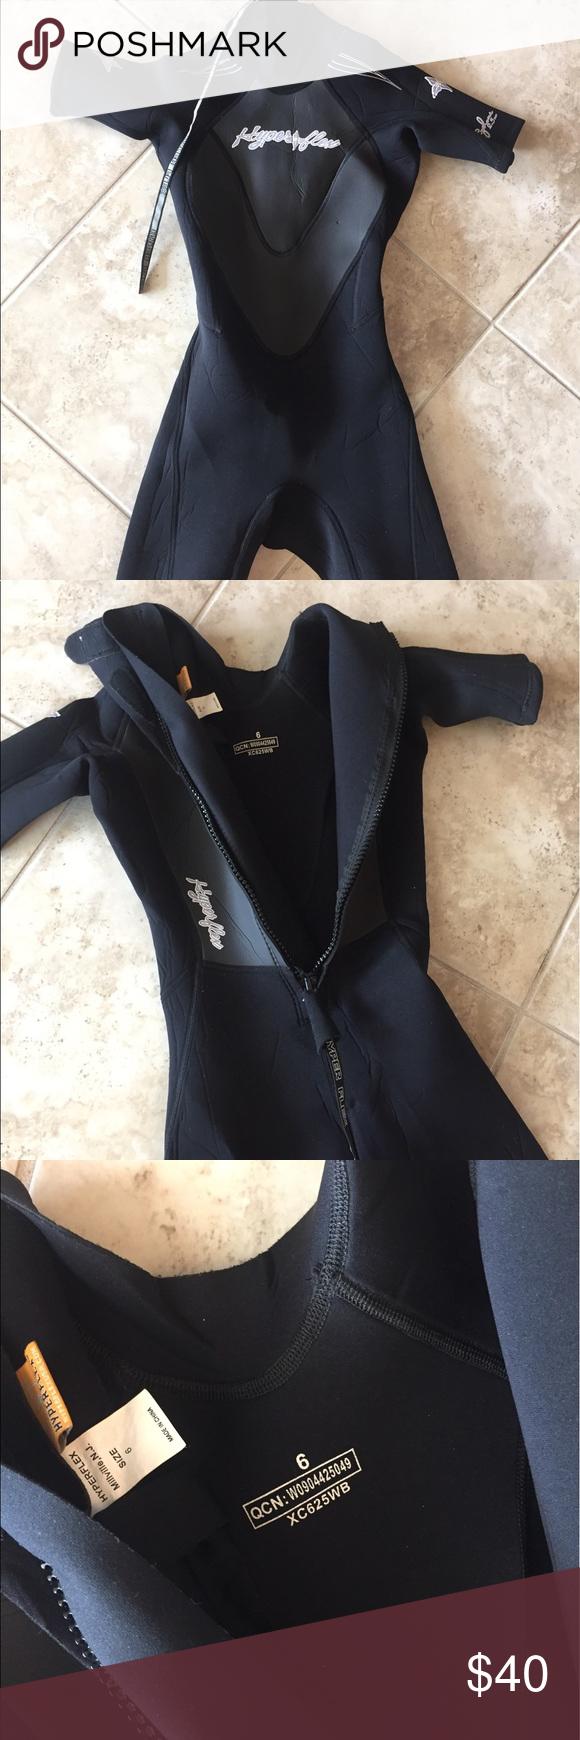 Black Wet Suit   New Leaf HQ 7